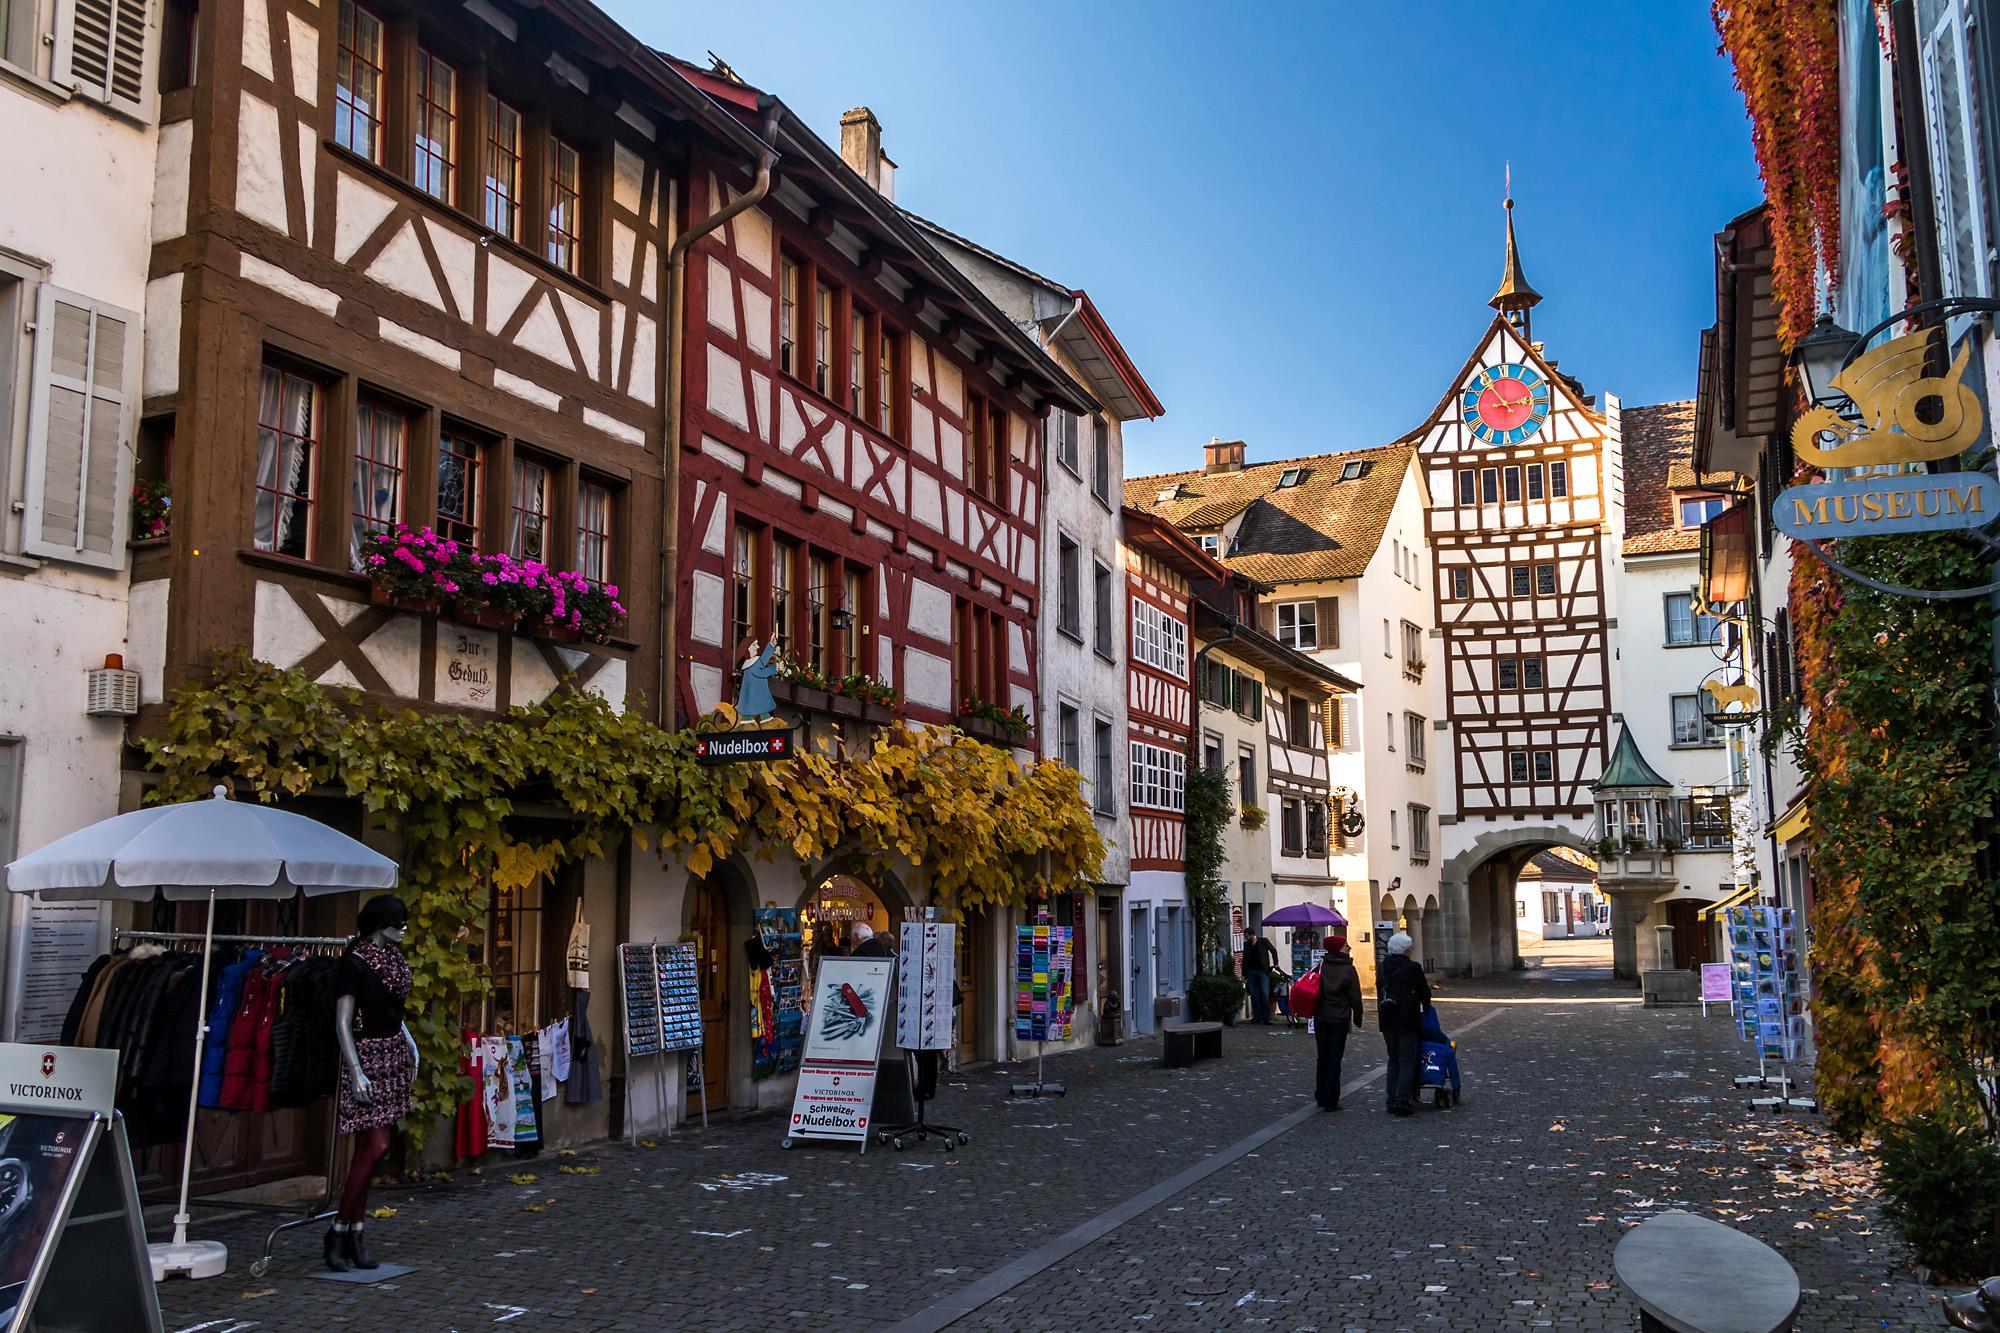 Willkommen in den Gässchen von Stein am Rhein - hier beim Untertor